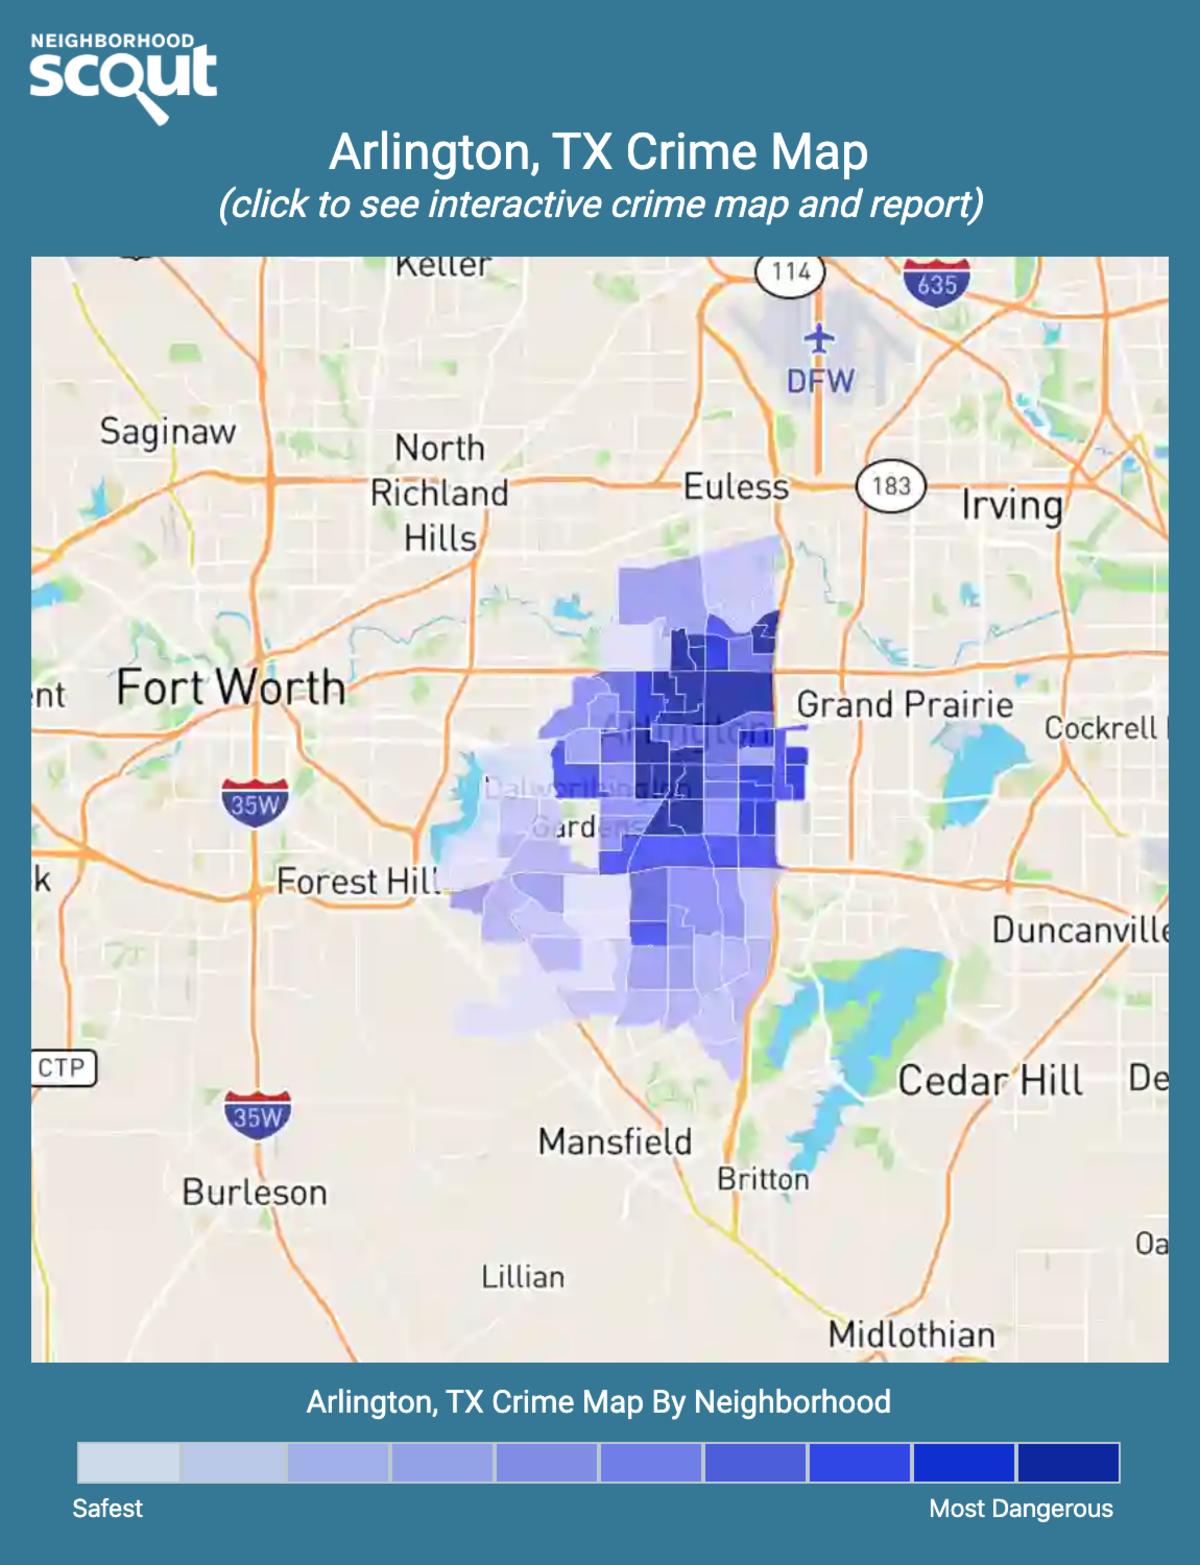 Arlington, Texas crime map